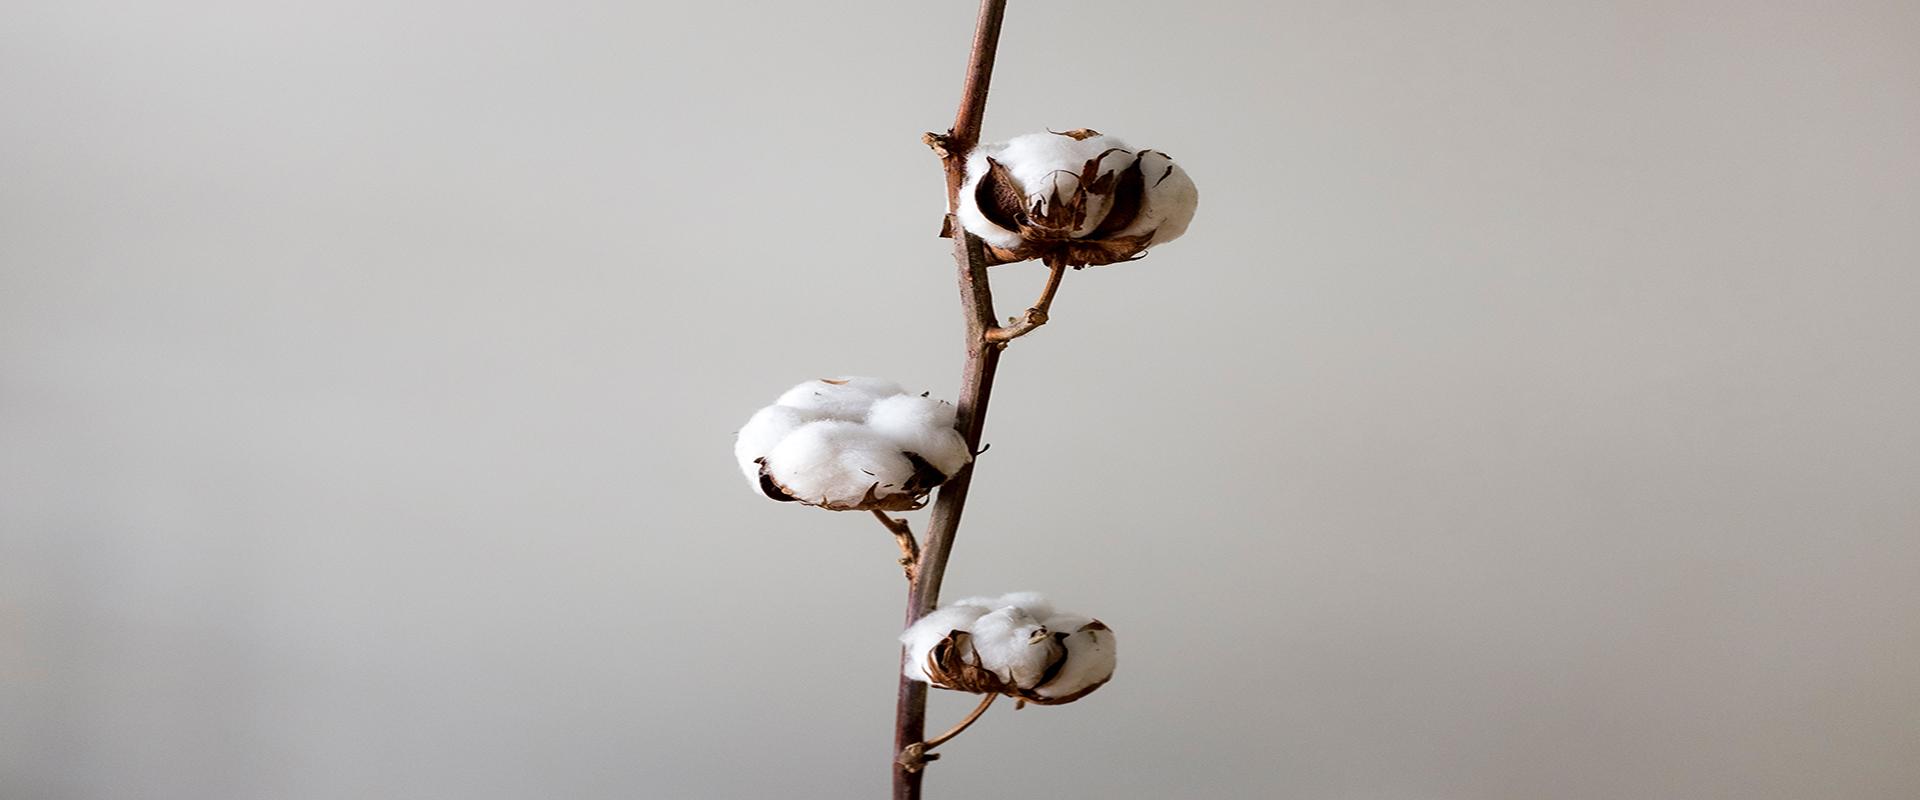 Bawełna organiczna - nowe oblicze branży tekstylnej.